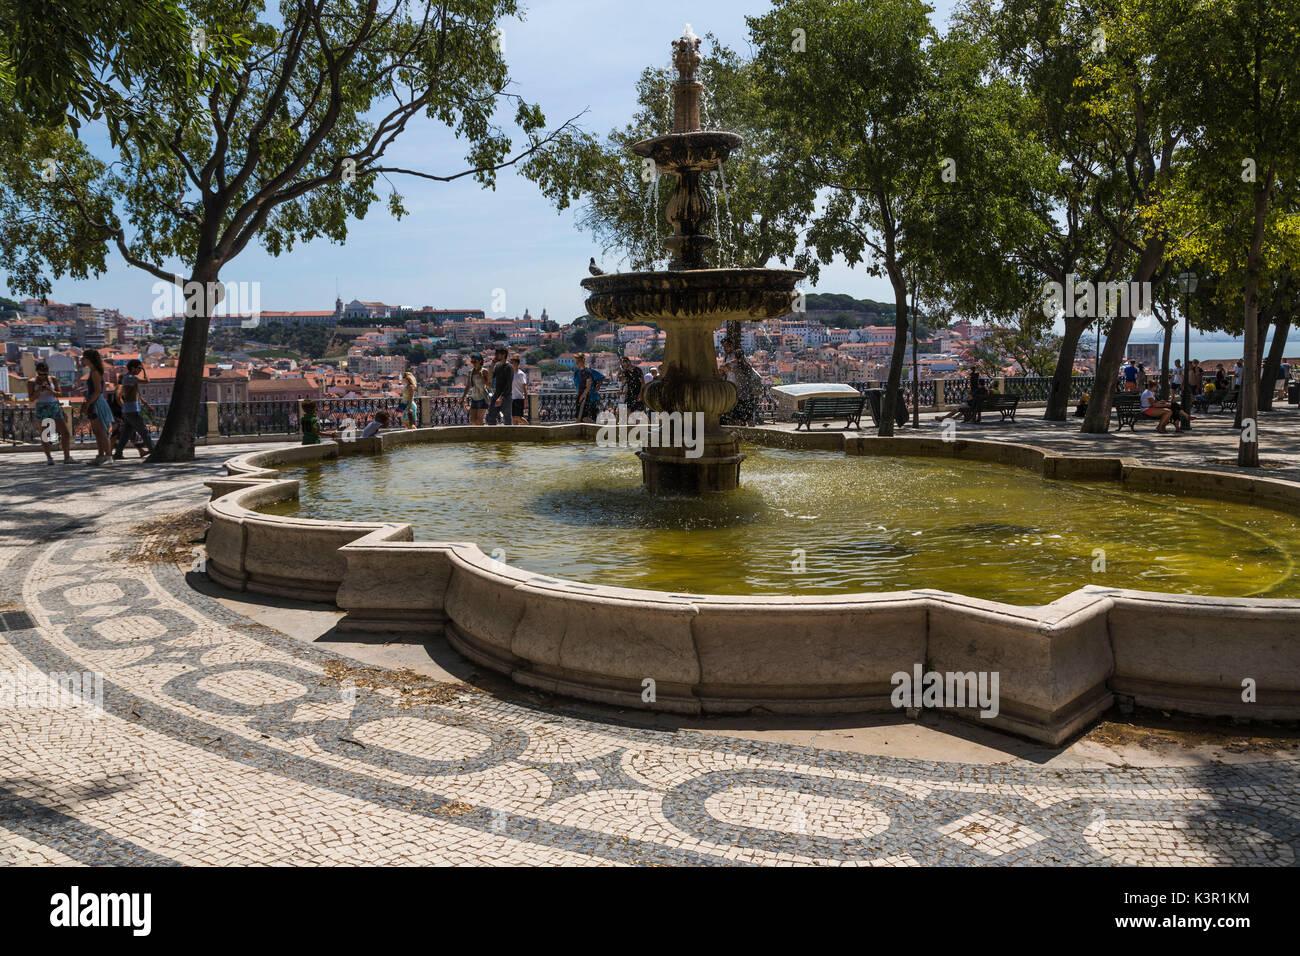 Fountain and square with decorative tiles on a terrace at Mirador de San Pedro de Alcántara Bairro Alto Lisbon Portugal Europe - Stock Image